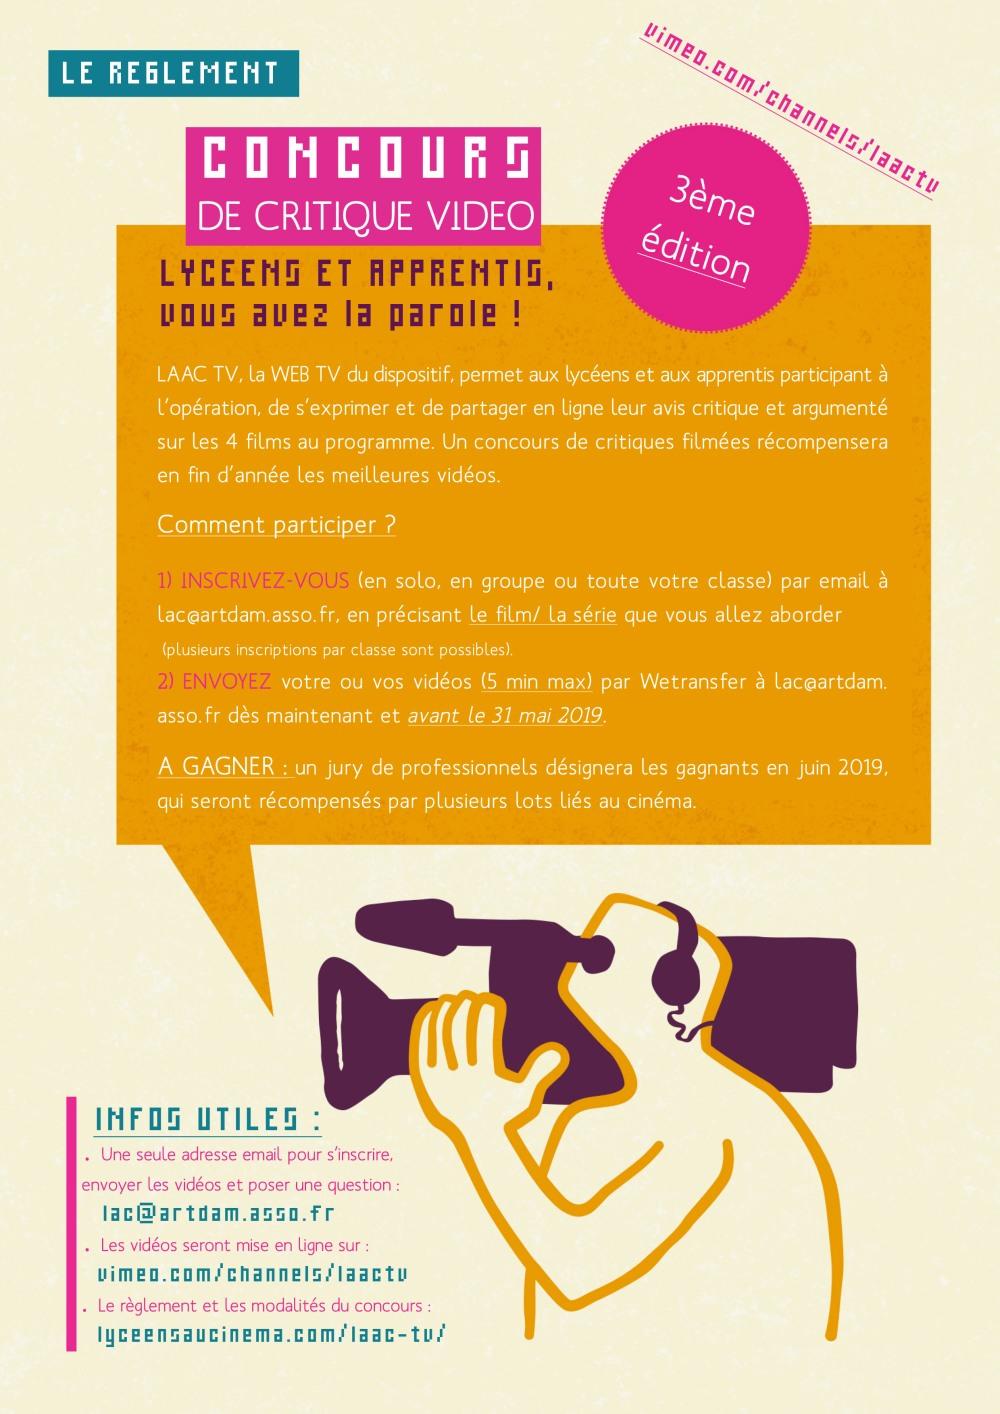 3eme edition concours critique video laac bourgogne